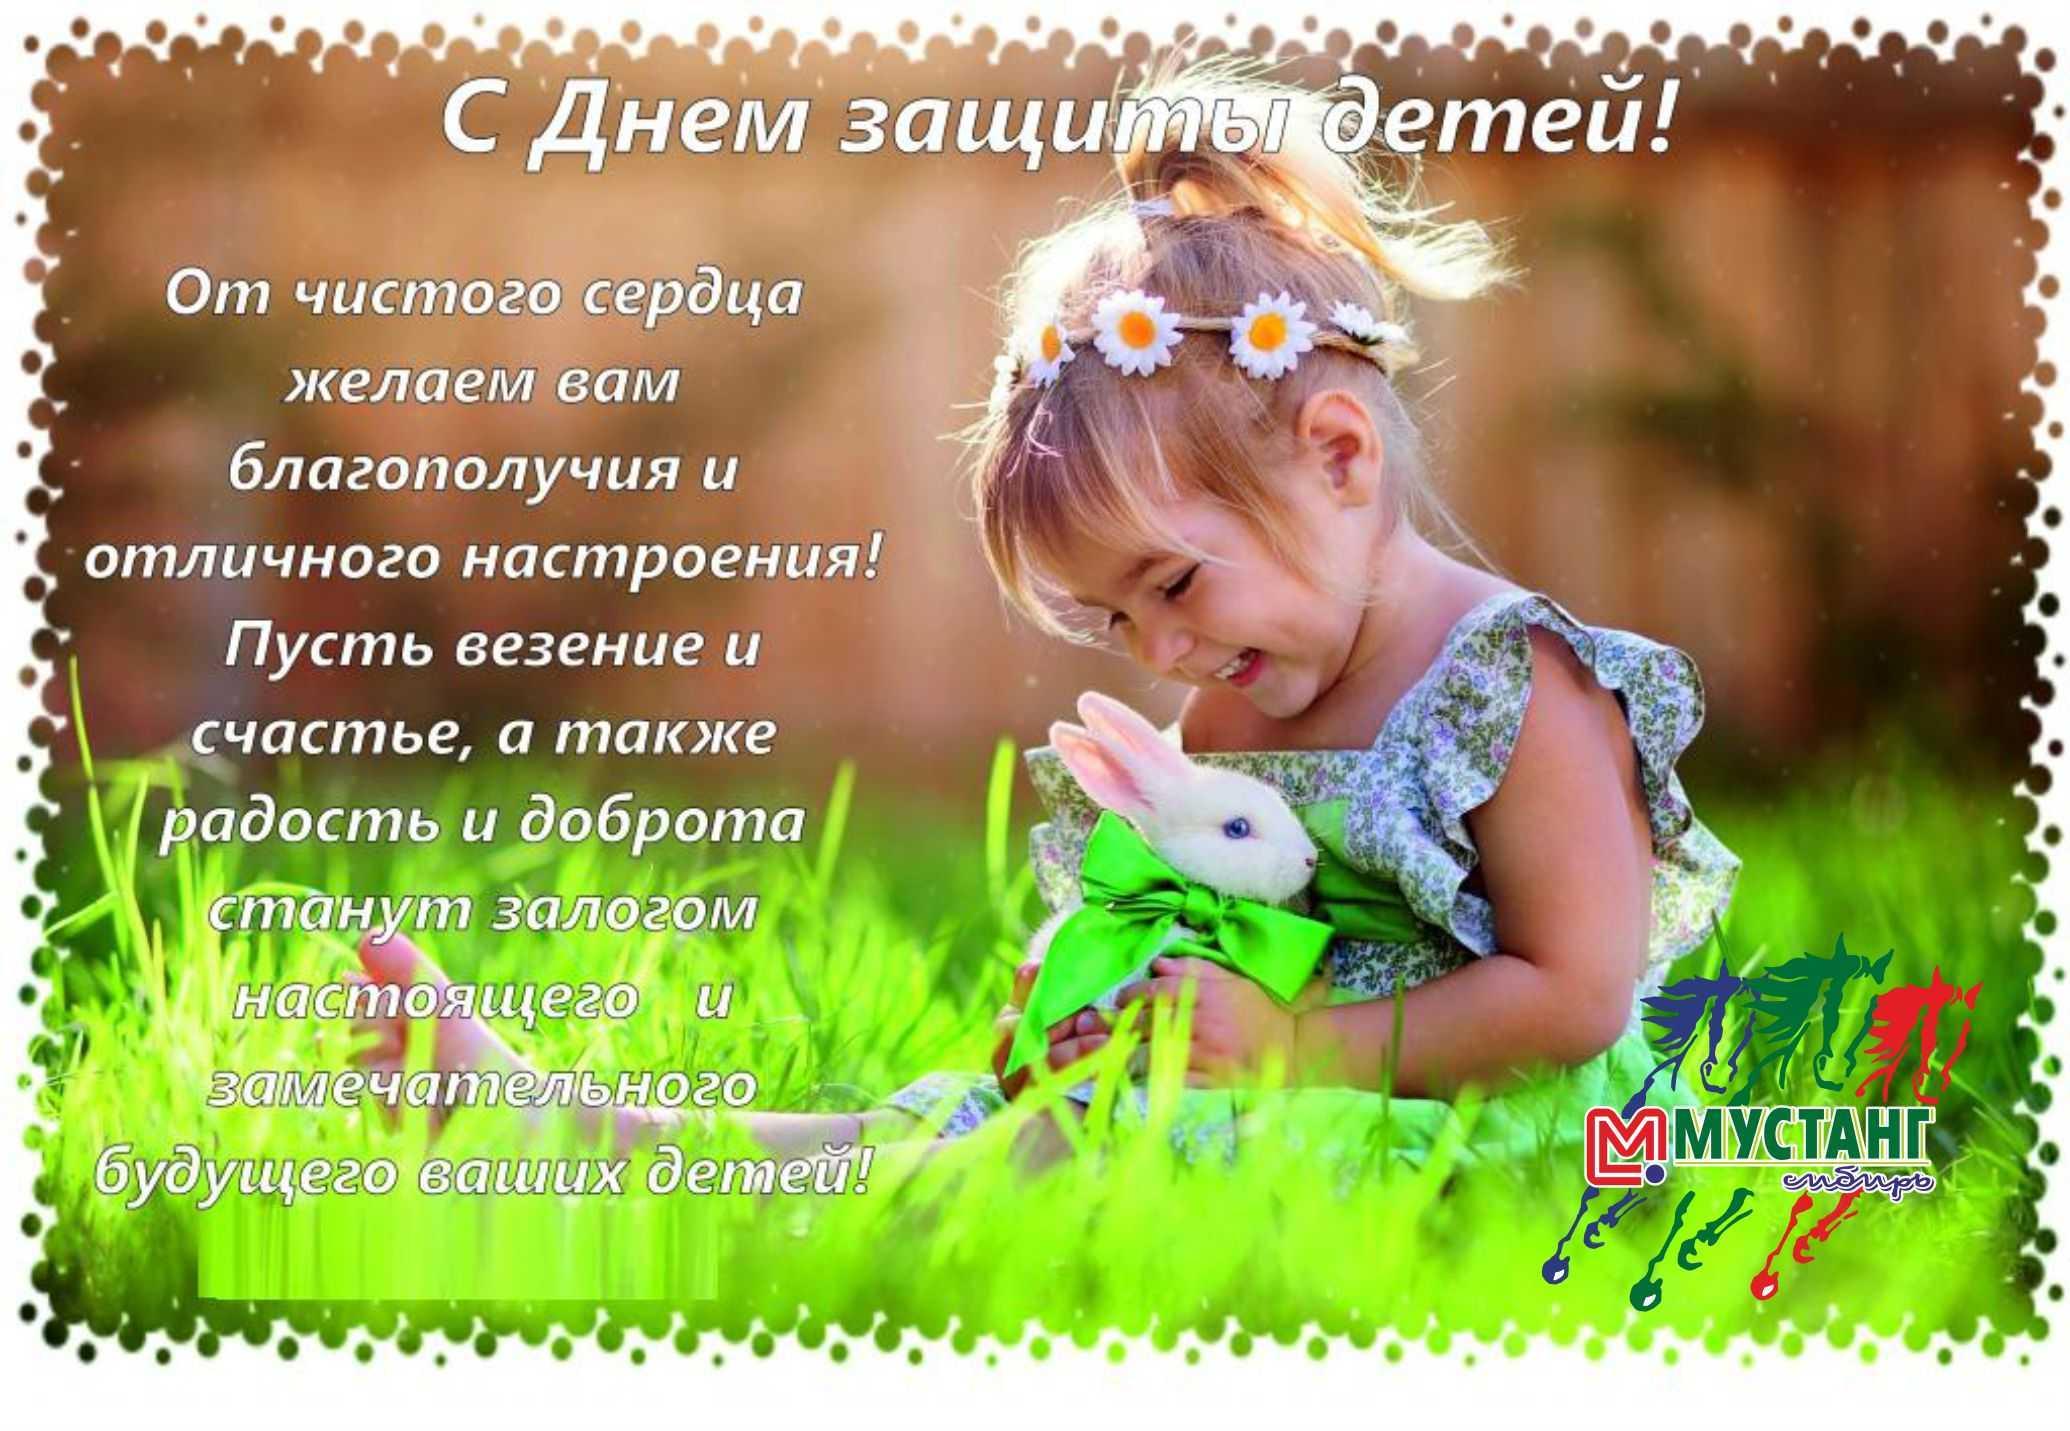 Картинка привет, открытки дню защиты детей